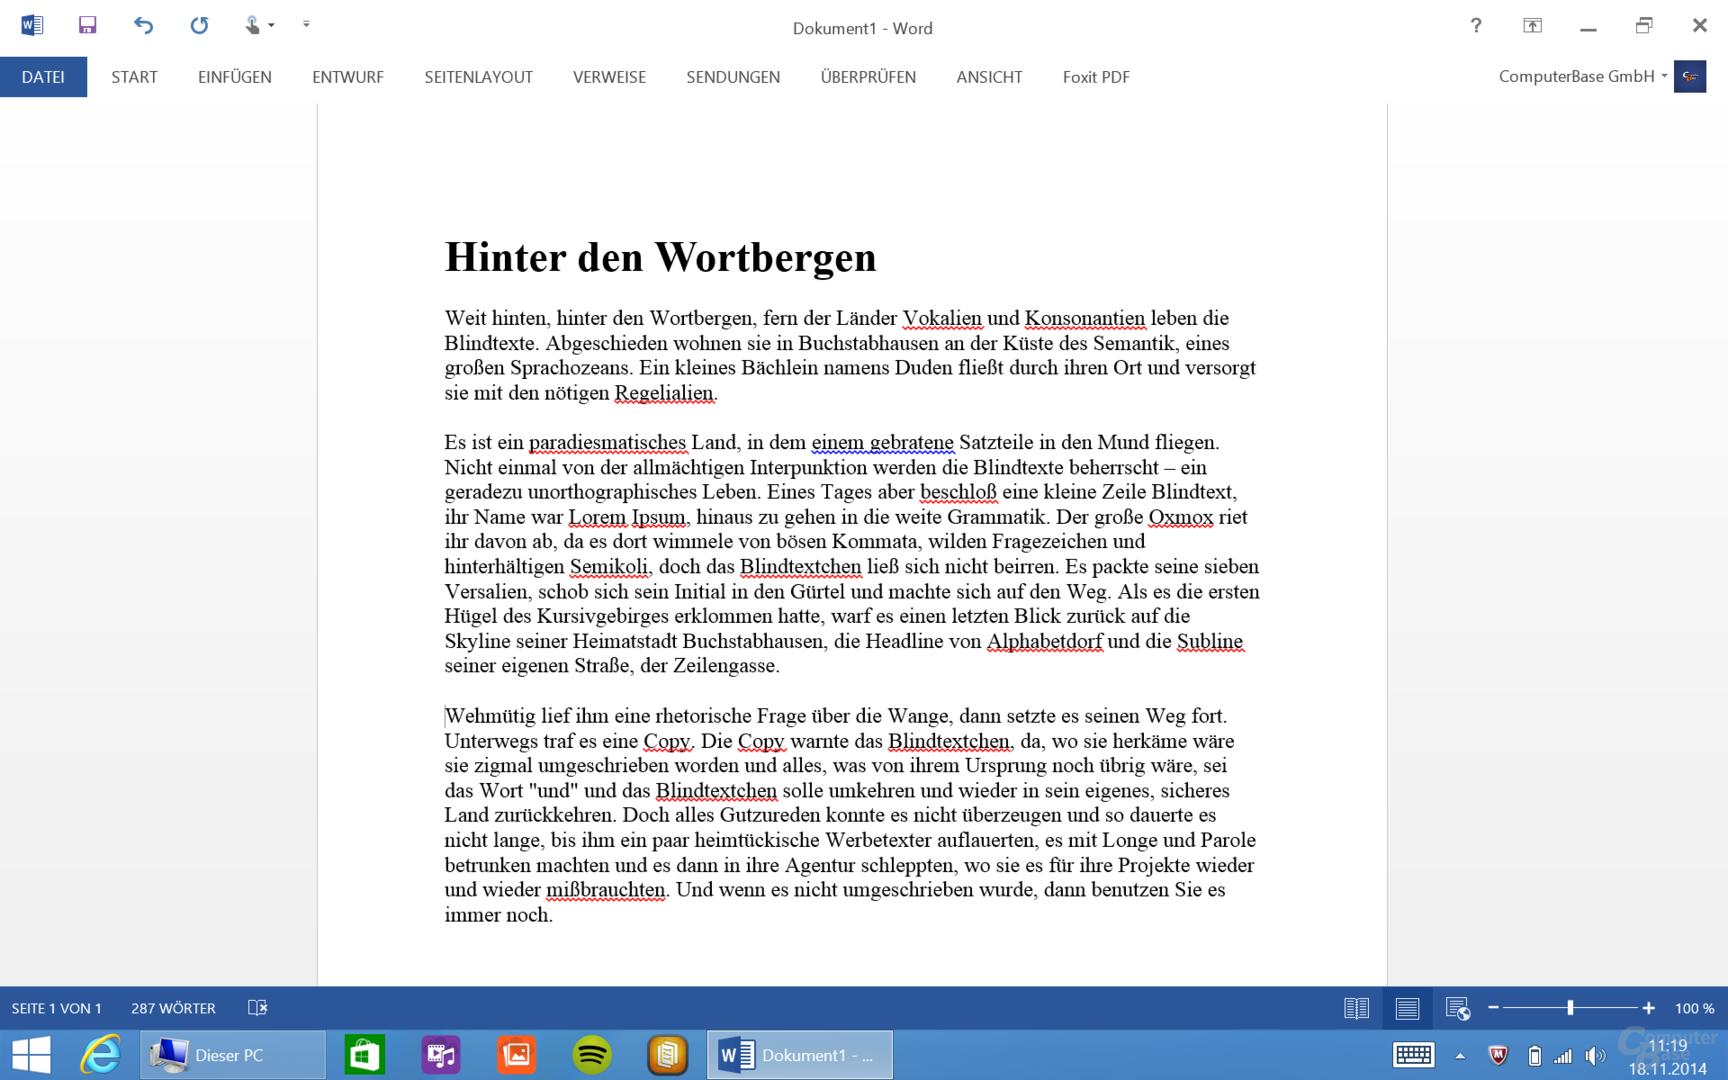 MS Word auf dem Acer Aspire Switch 10 FHD